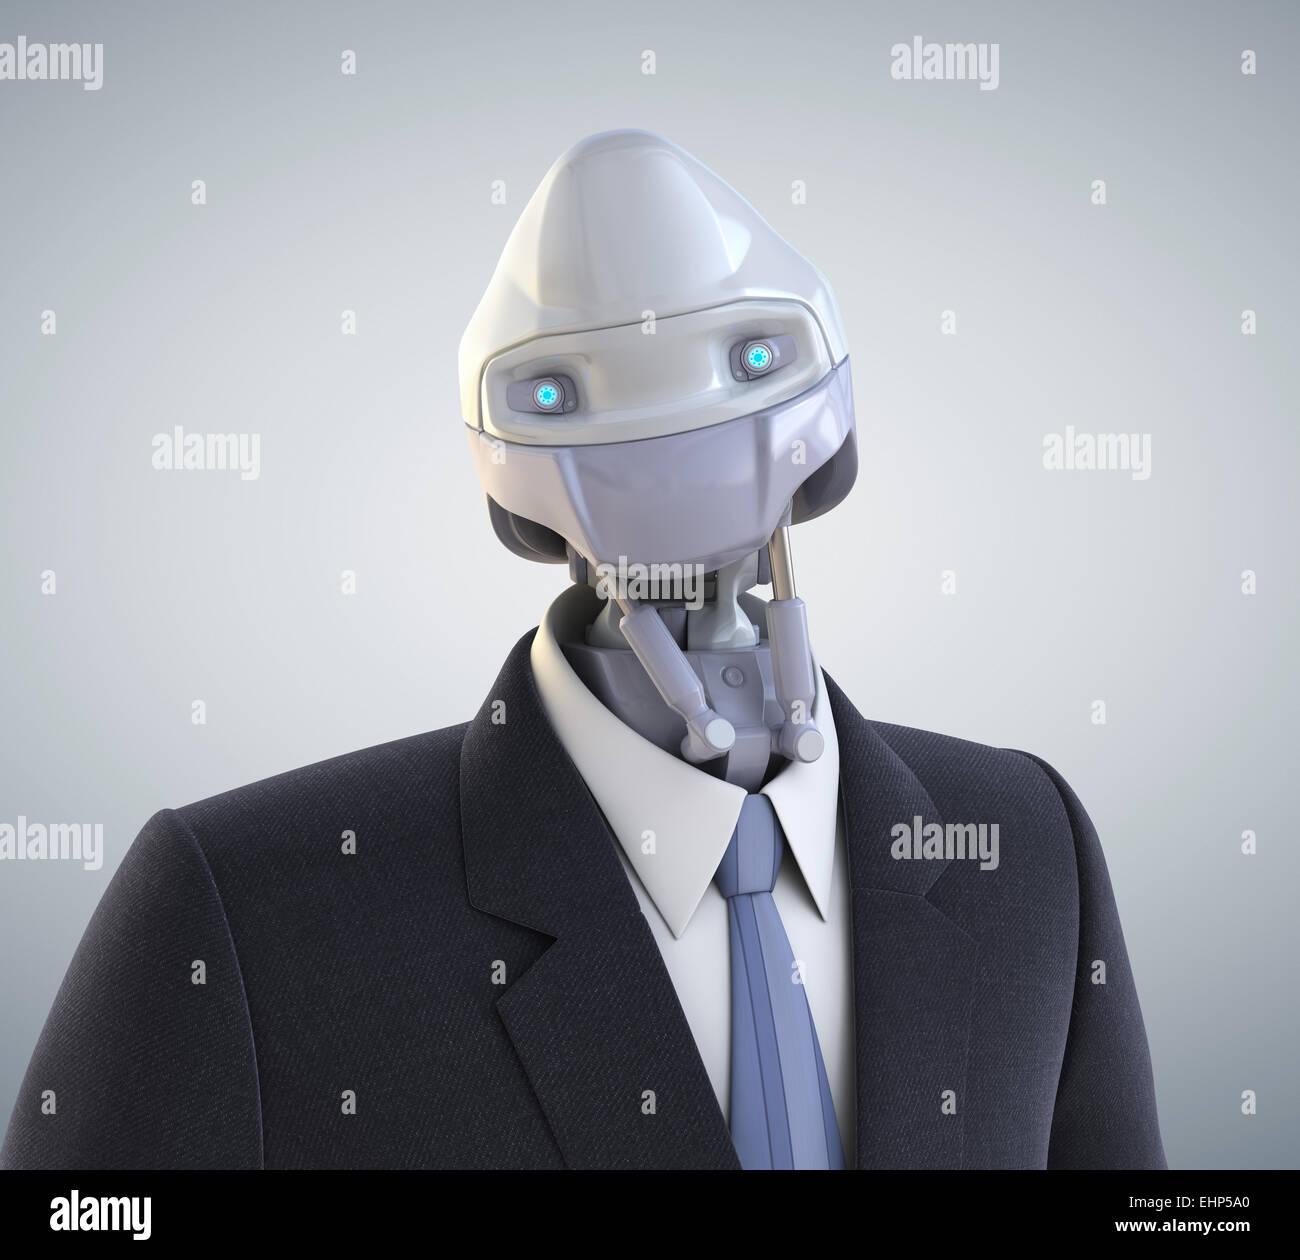 Robot vestida con un traje de negocios. Trazado de recorte incluido Imagen De Stock